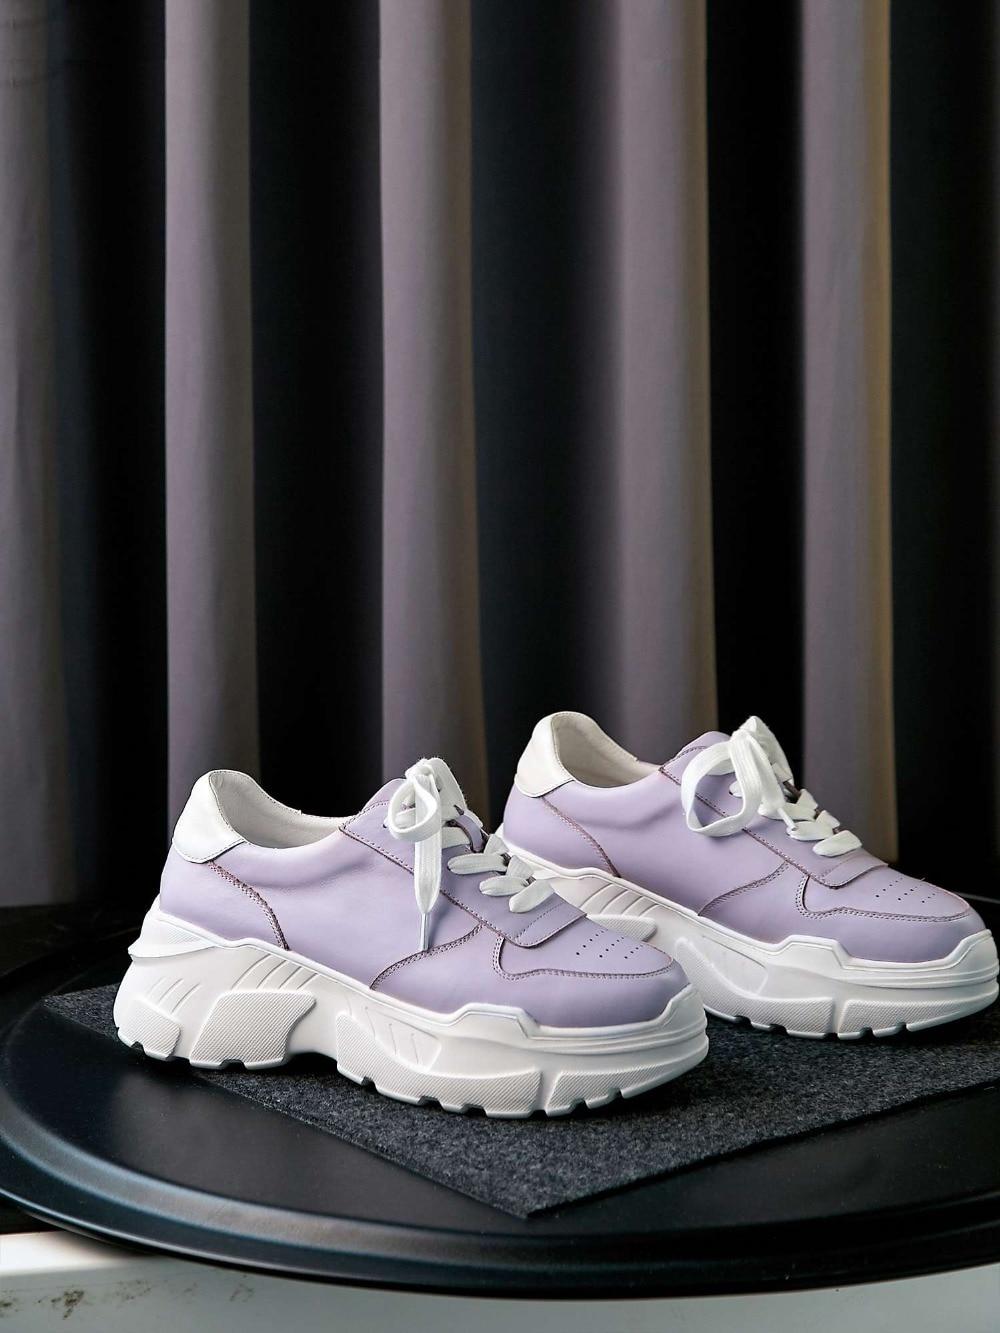 Ayakk.'ten Vulkanize Kadın Ayakkabıları'de 2019 muhtasar tam tahıl deri yuvarlak ayak kalın yüksek alt platform koşu ayakkabıları gündelik giyim lace up vulkanize ayakkabı L7f2'da  Grup 2